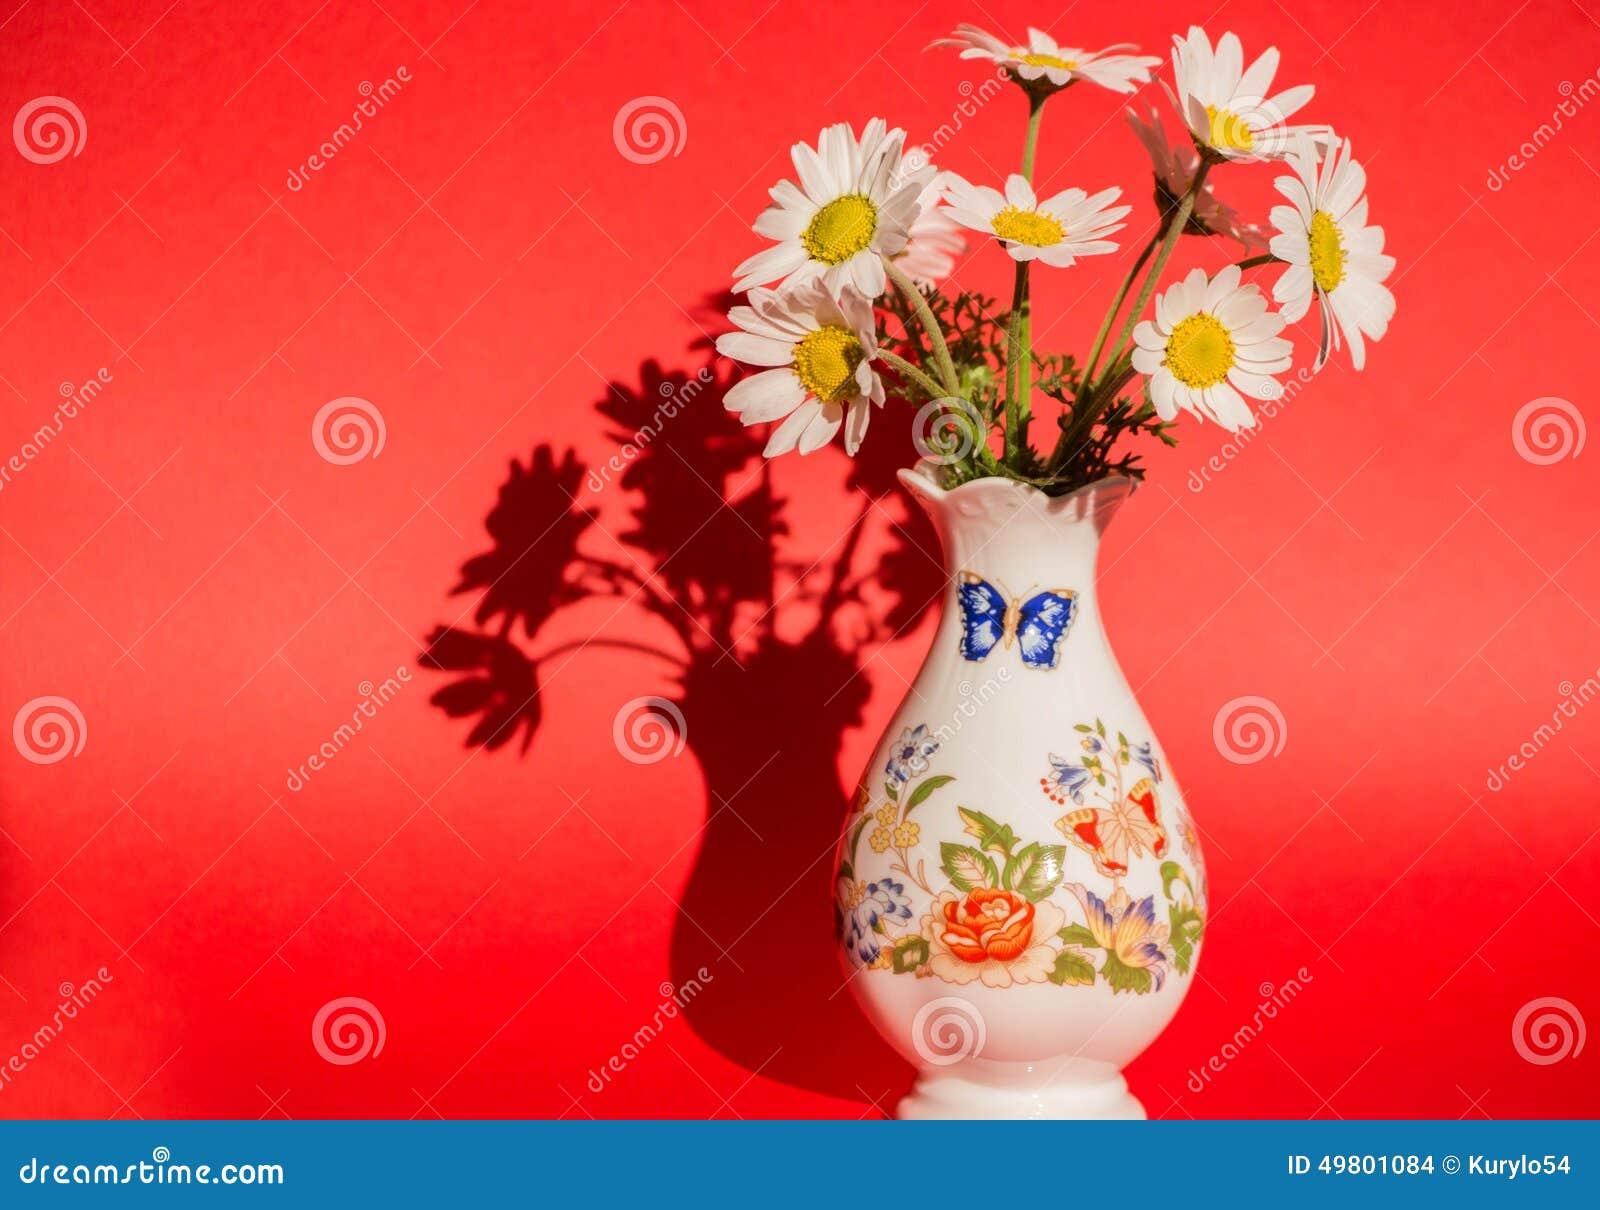 Margaridas em um vaso em um fundo vermelho